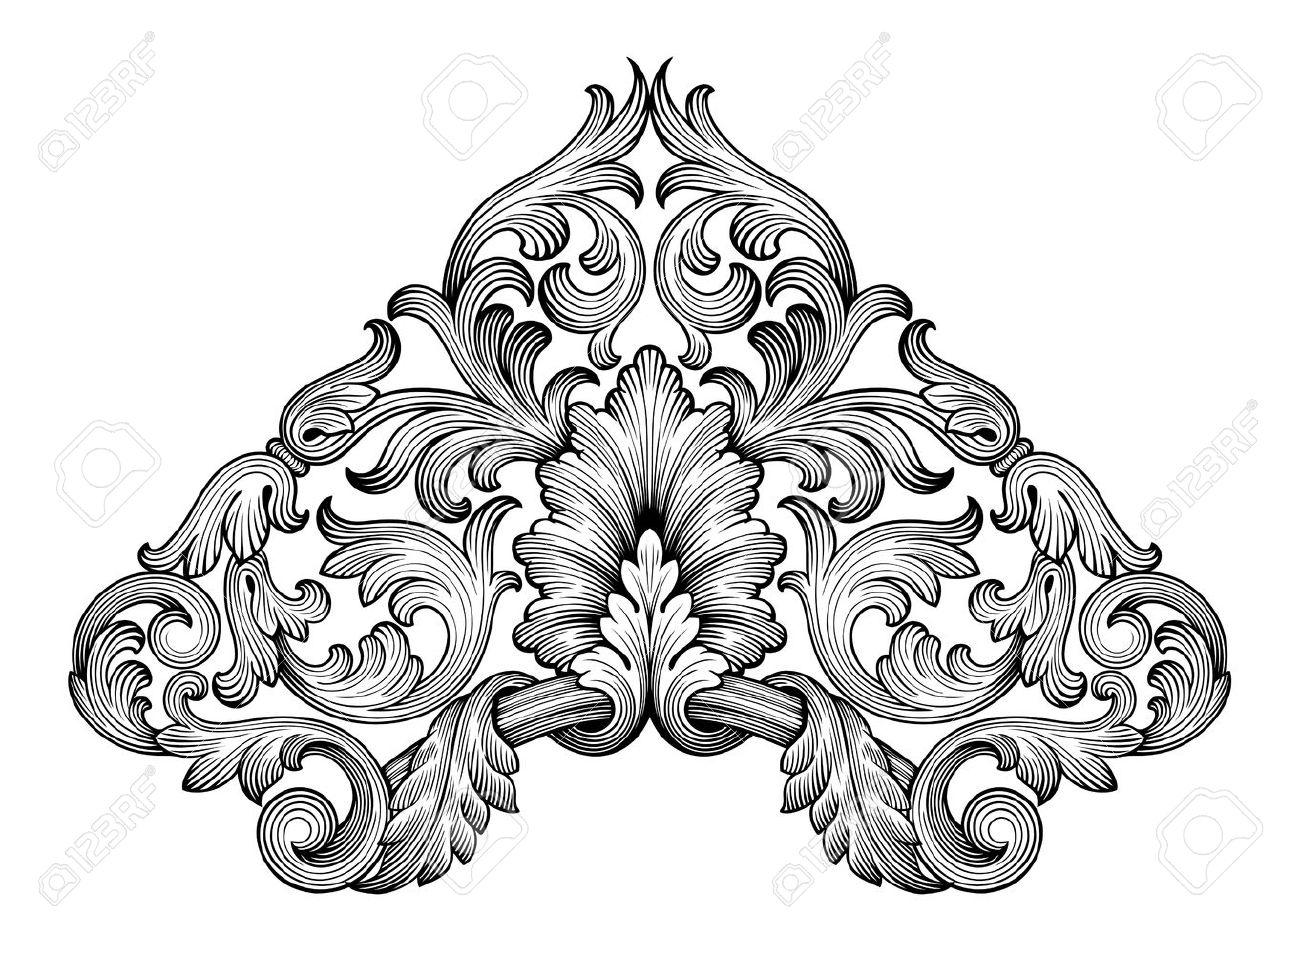 vintage baroque frame corner leaf scroll floral ornament engraving royalty free cliparts vectors and stock illustration image 38656307 vintage baroque frame corner leaf scroll floral ornament engraving